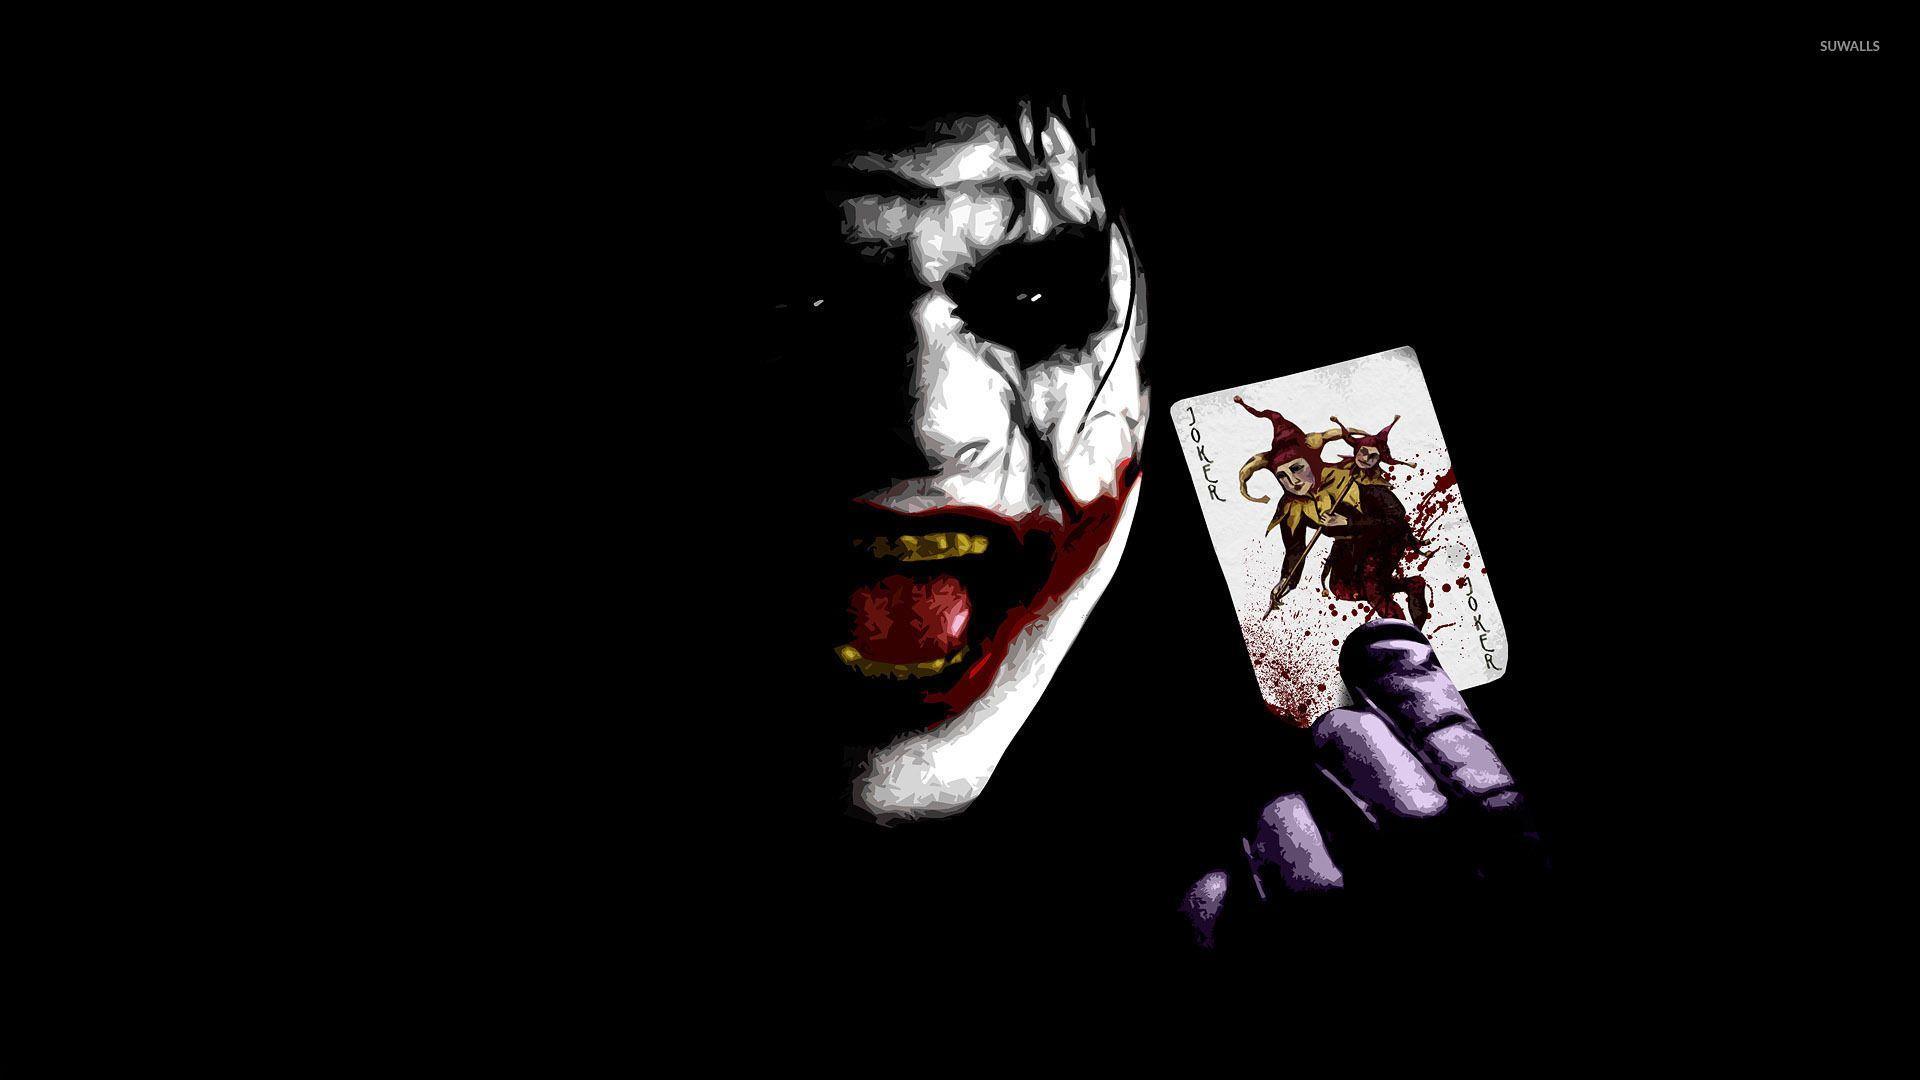 Joker Wallpapers Hd 1920x1080 Wallpaper Cave